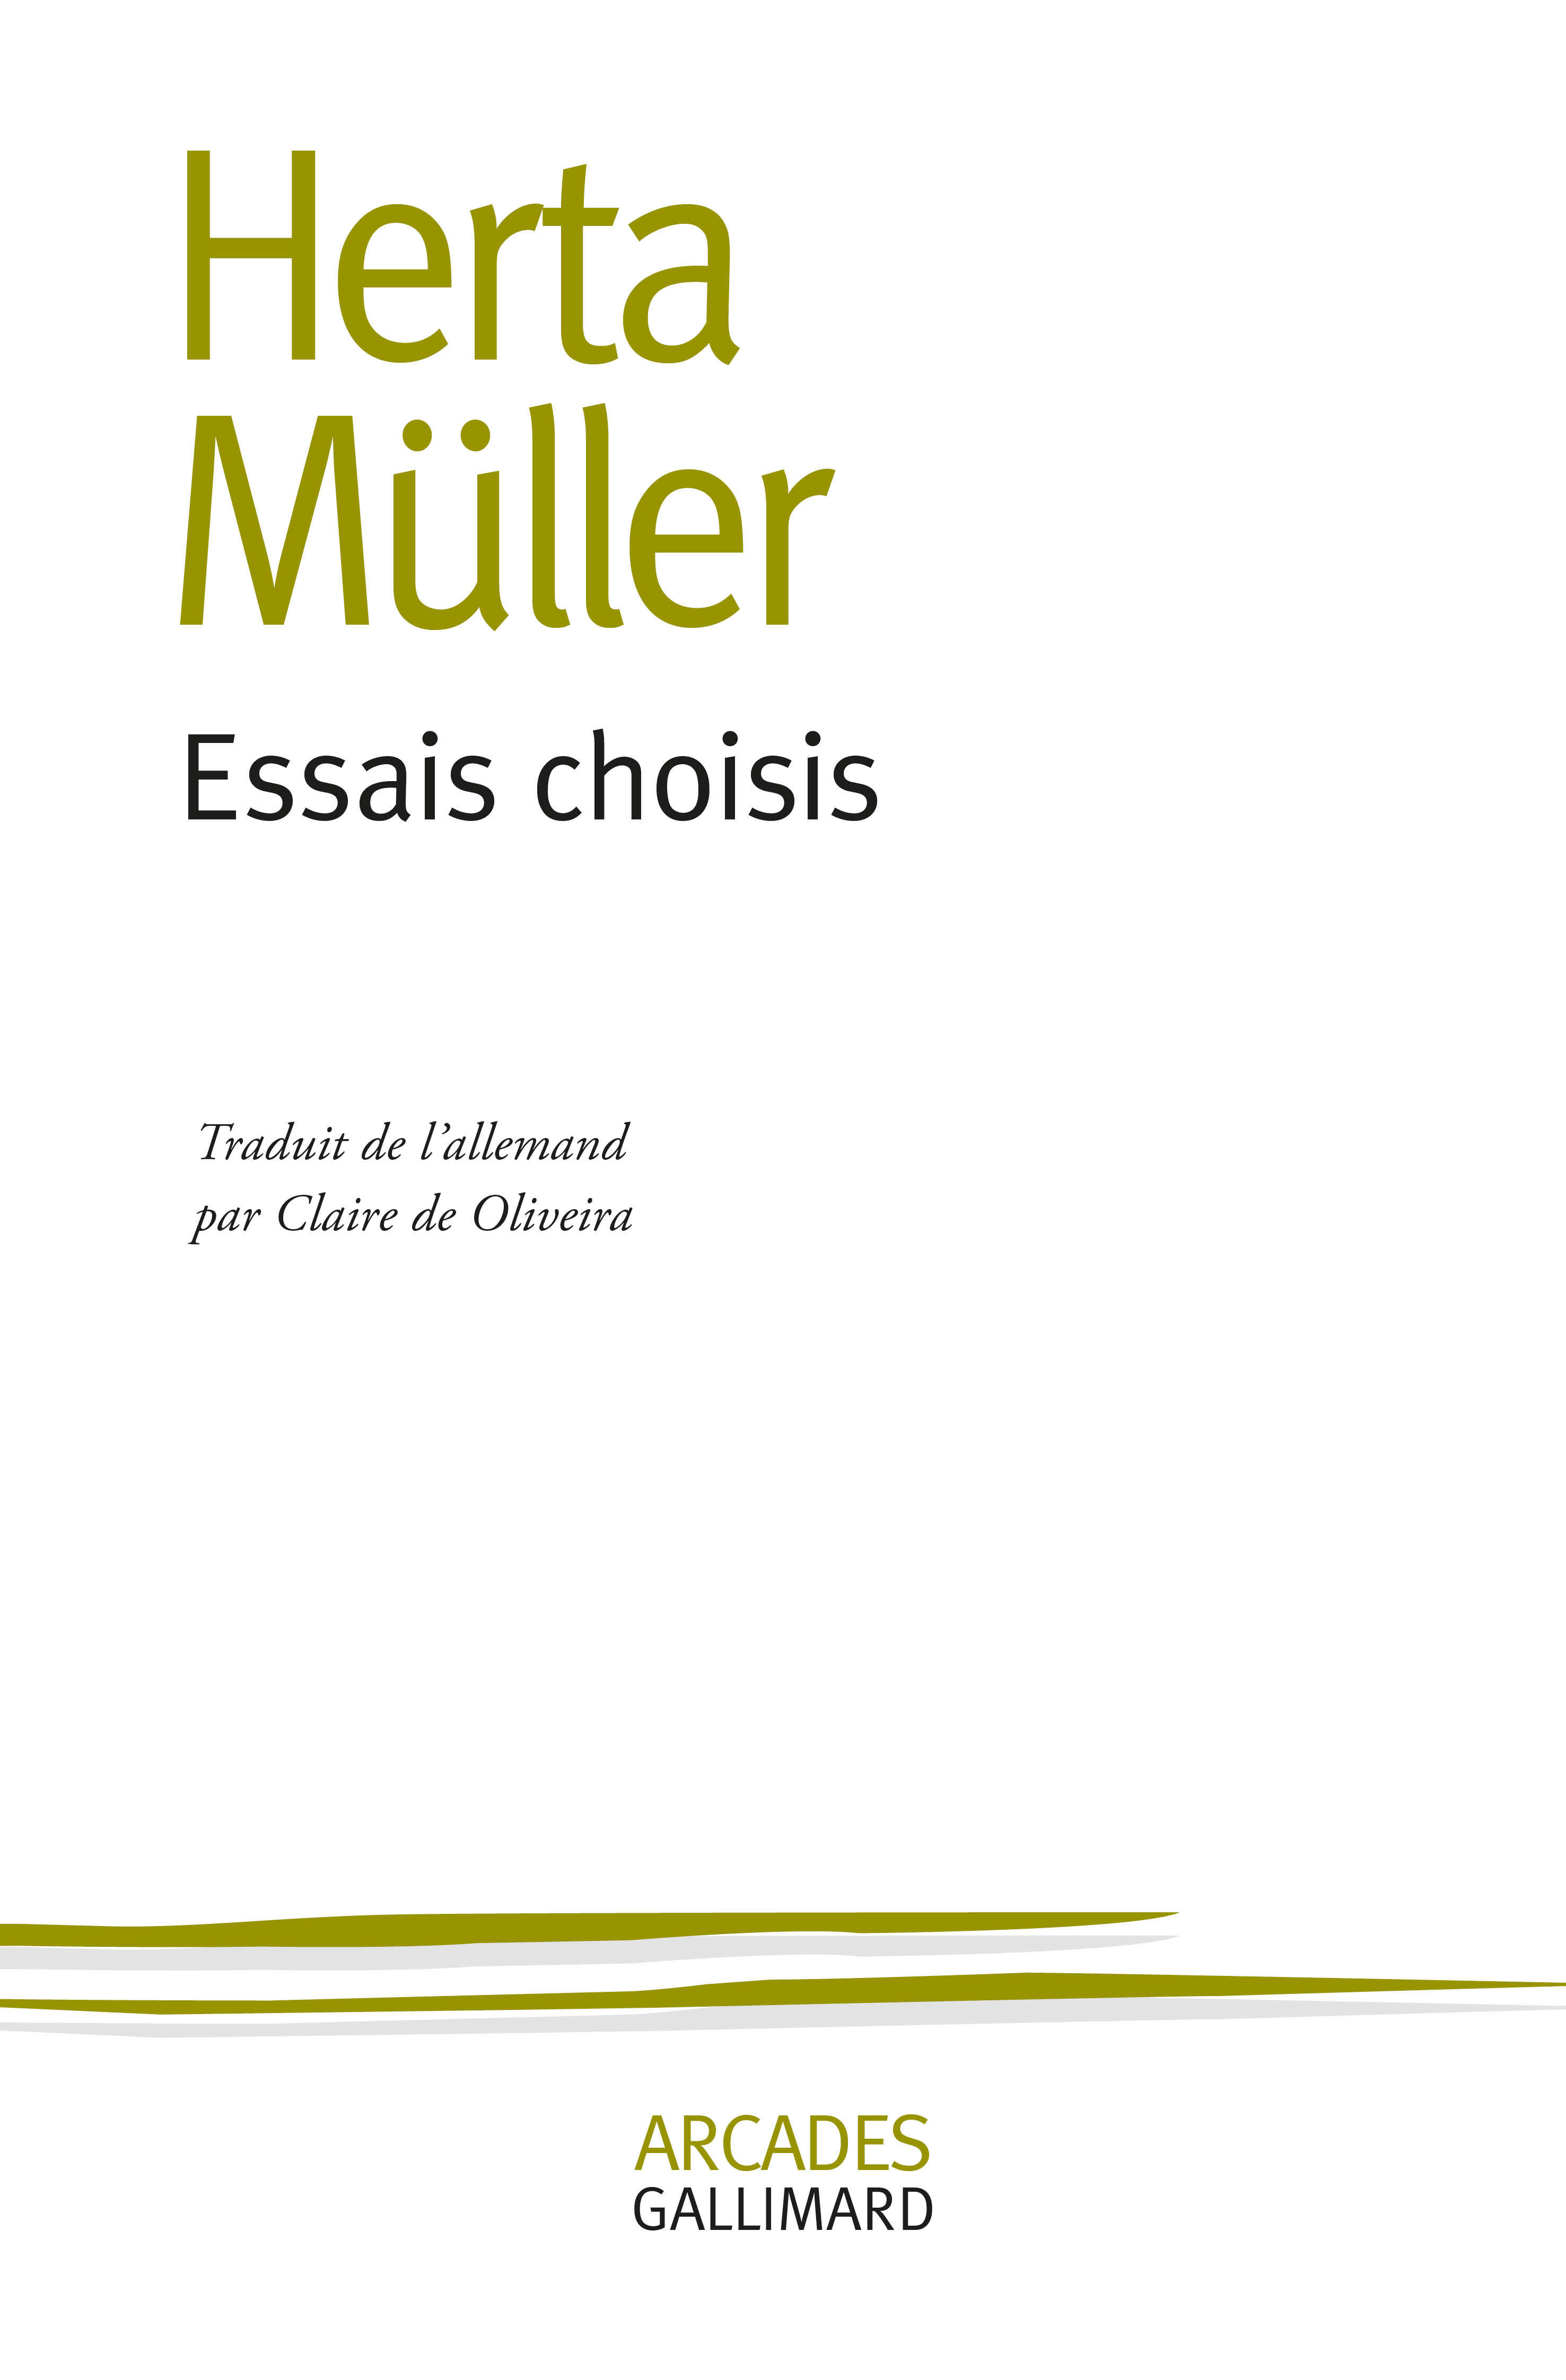 ESSAIS CHOISIS